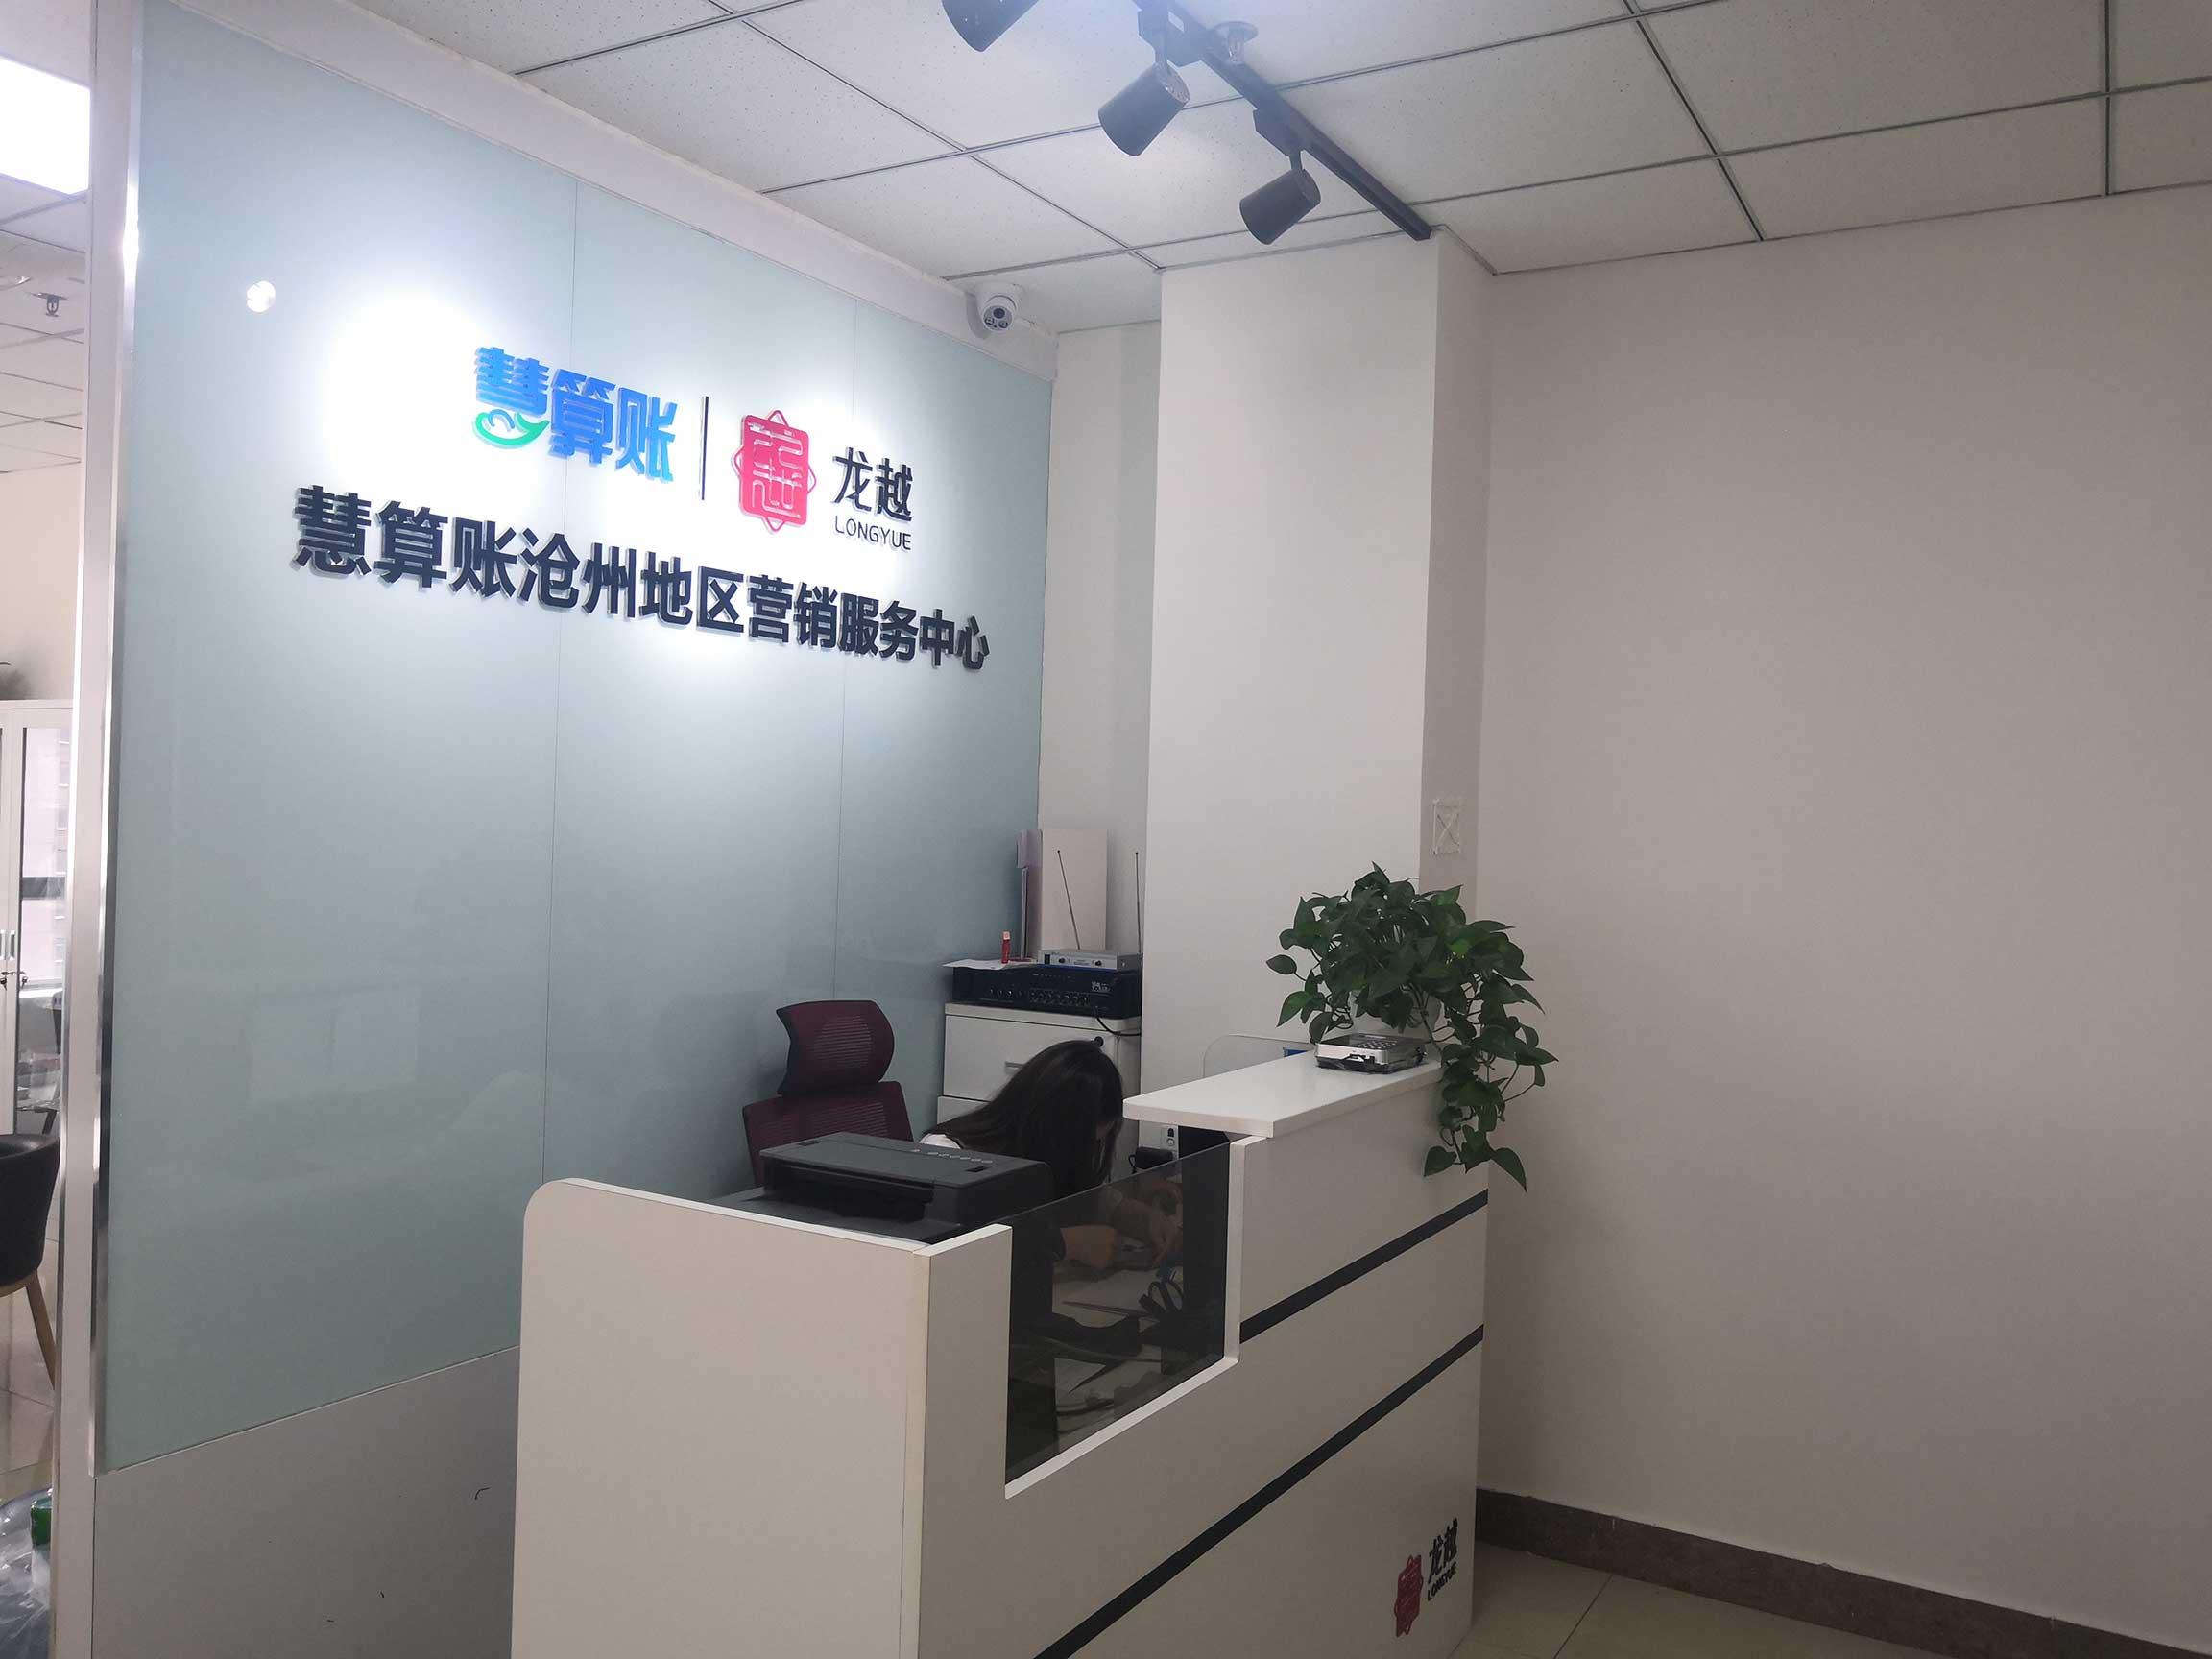 新华区正规财务咨询哪家快 卓越服务 沧州龙越会计服务供应